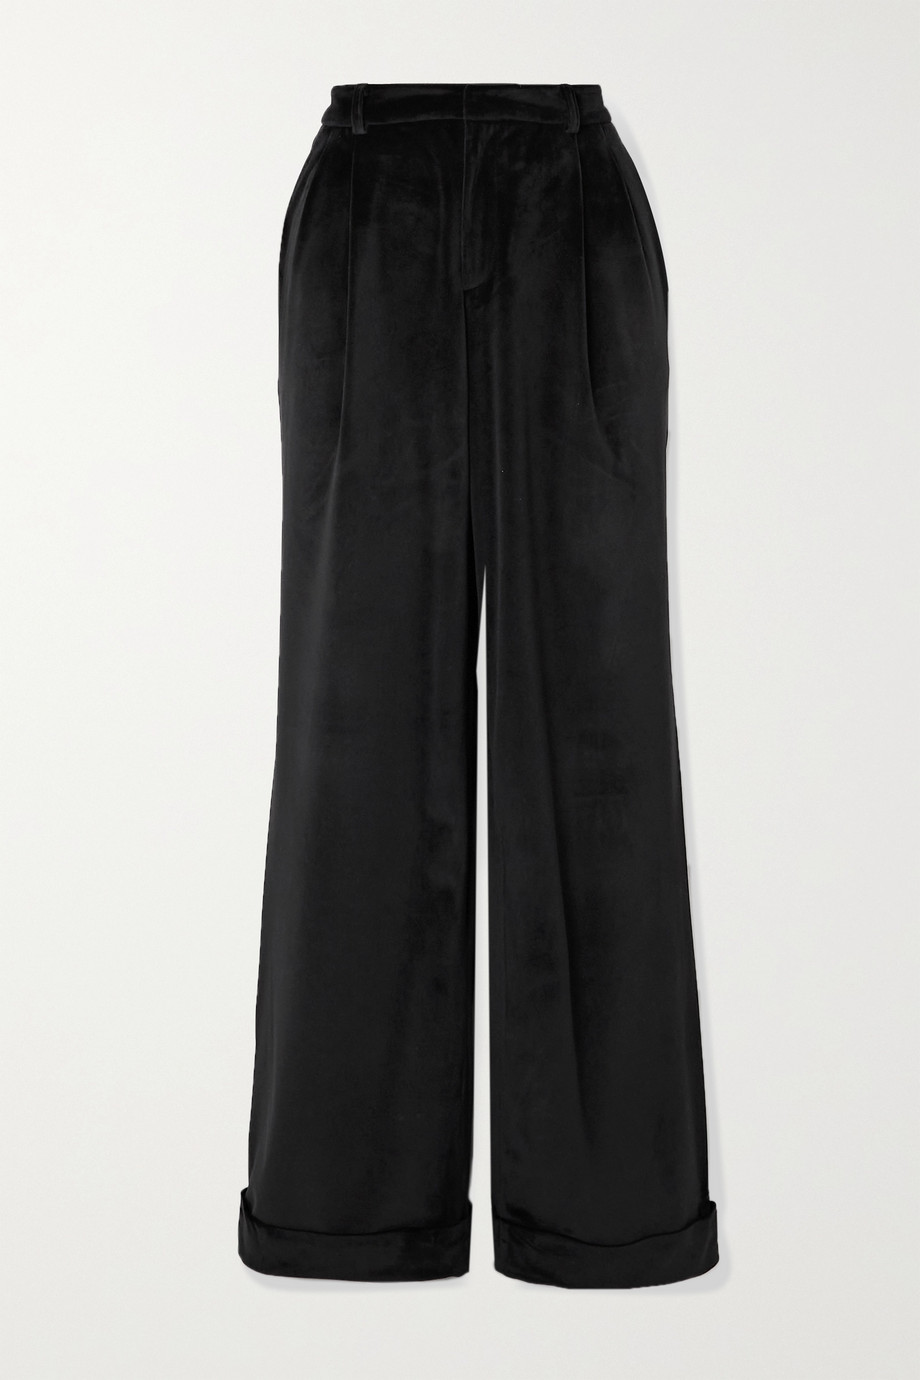 Àcheval Pampa Gardel pleated velvet straight-leg pants